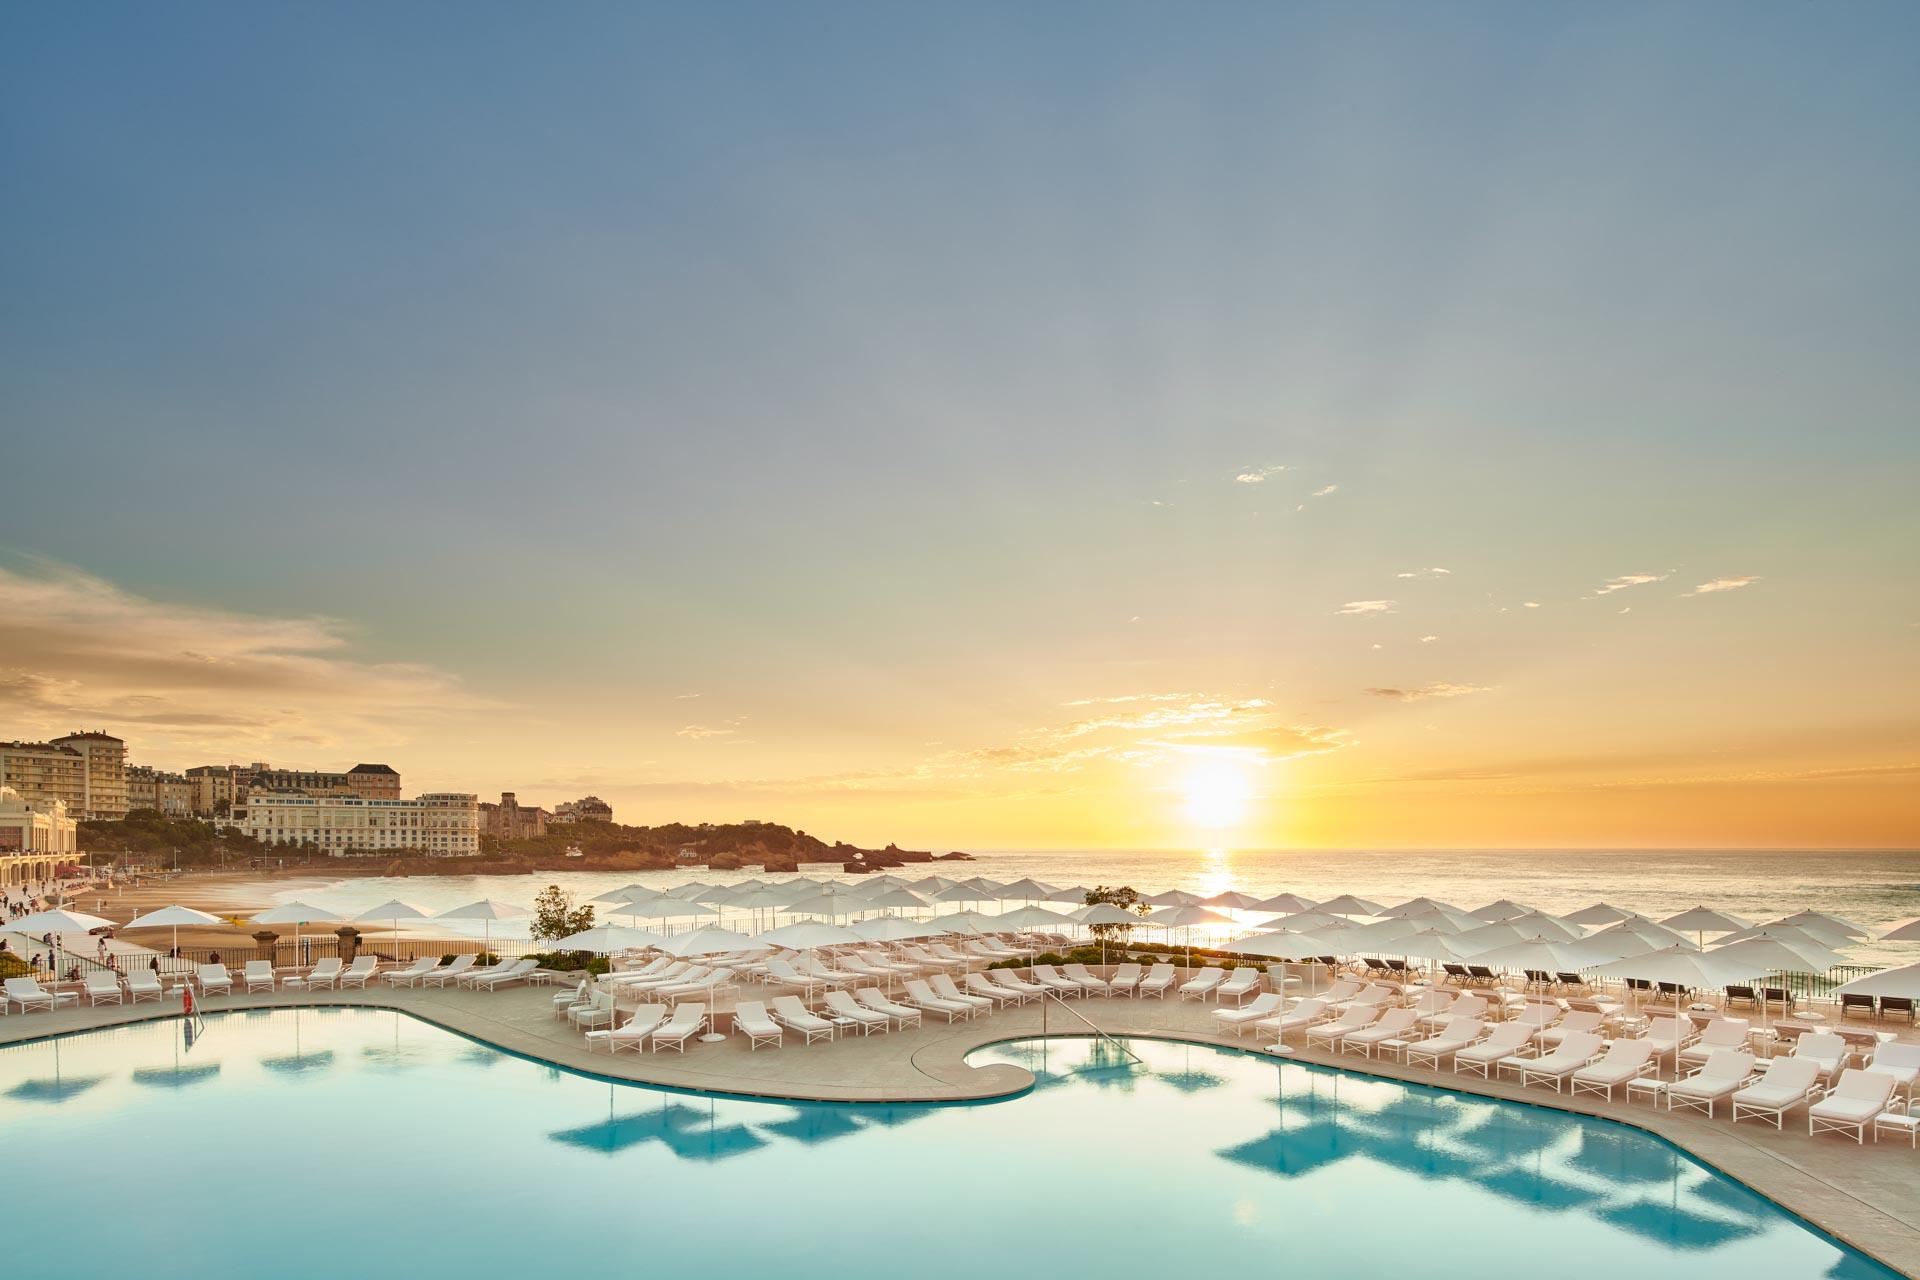 La piscine californienne de l'Hôtel du Palais © Hyatt